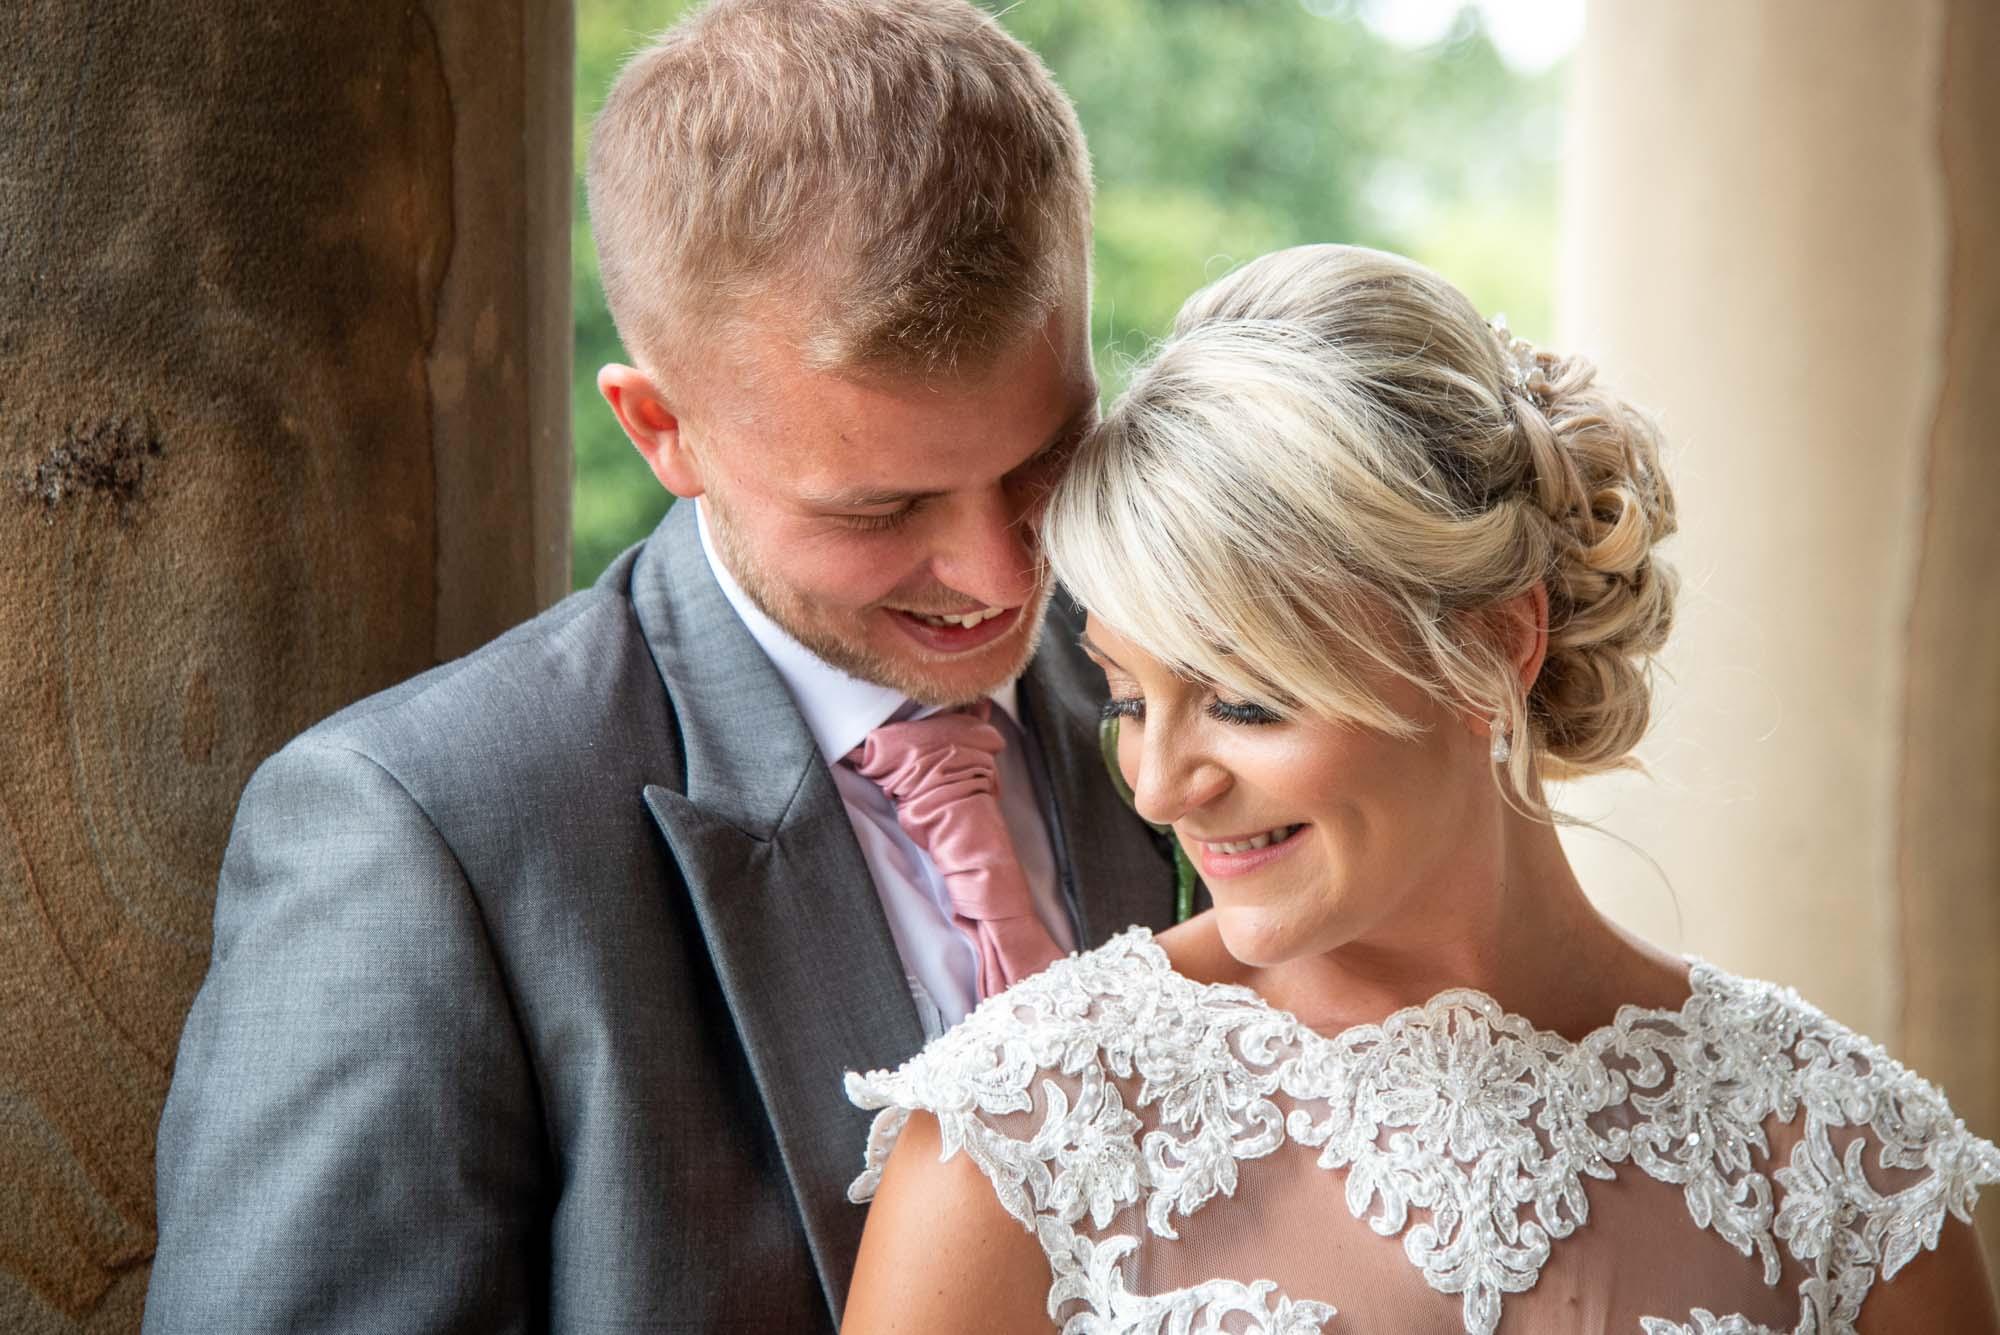 Bride and groom headshot at Waterton Park in Wakefield